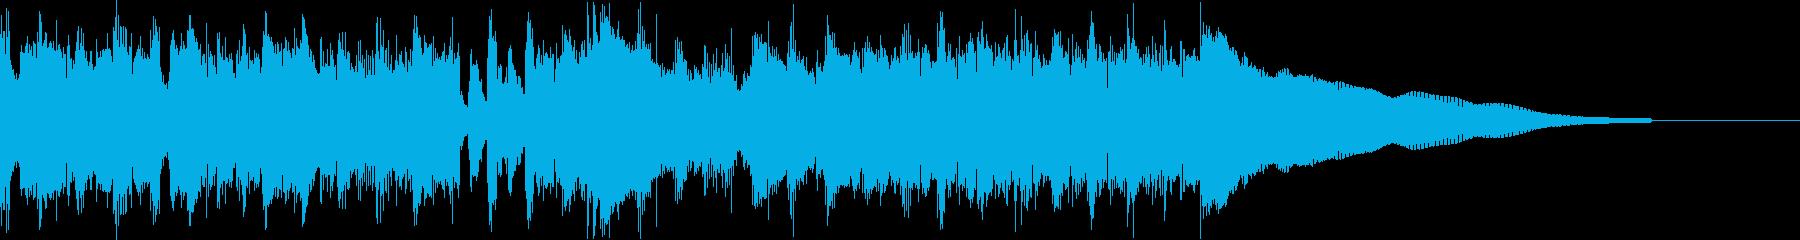 カントリー風ギターイントロ−07Dの再生済みの波形